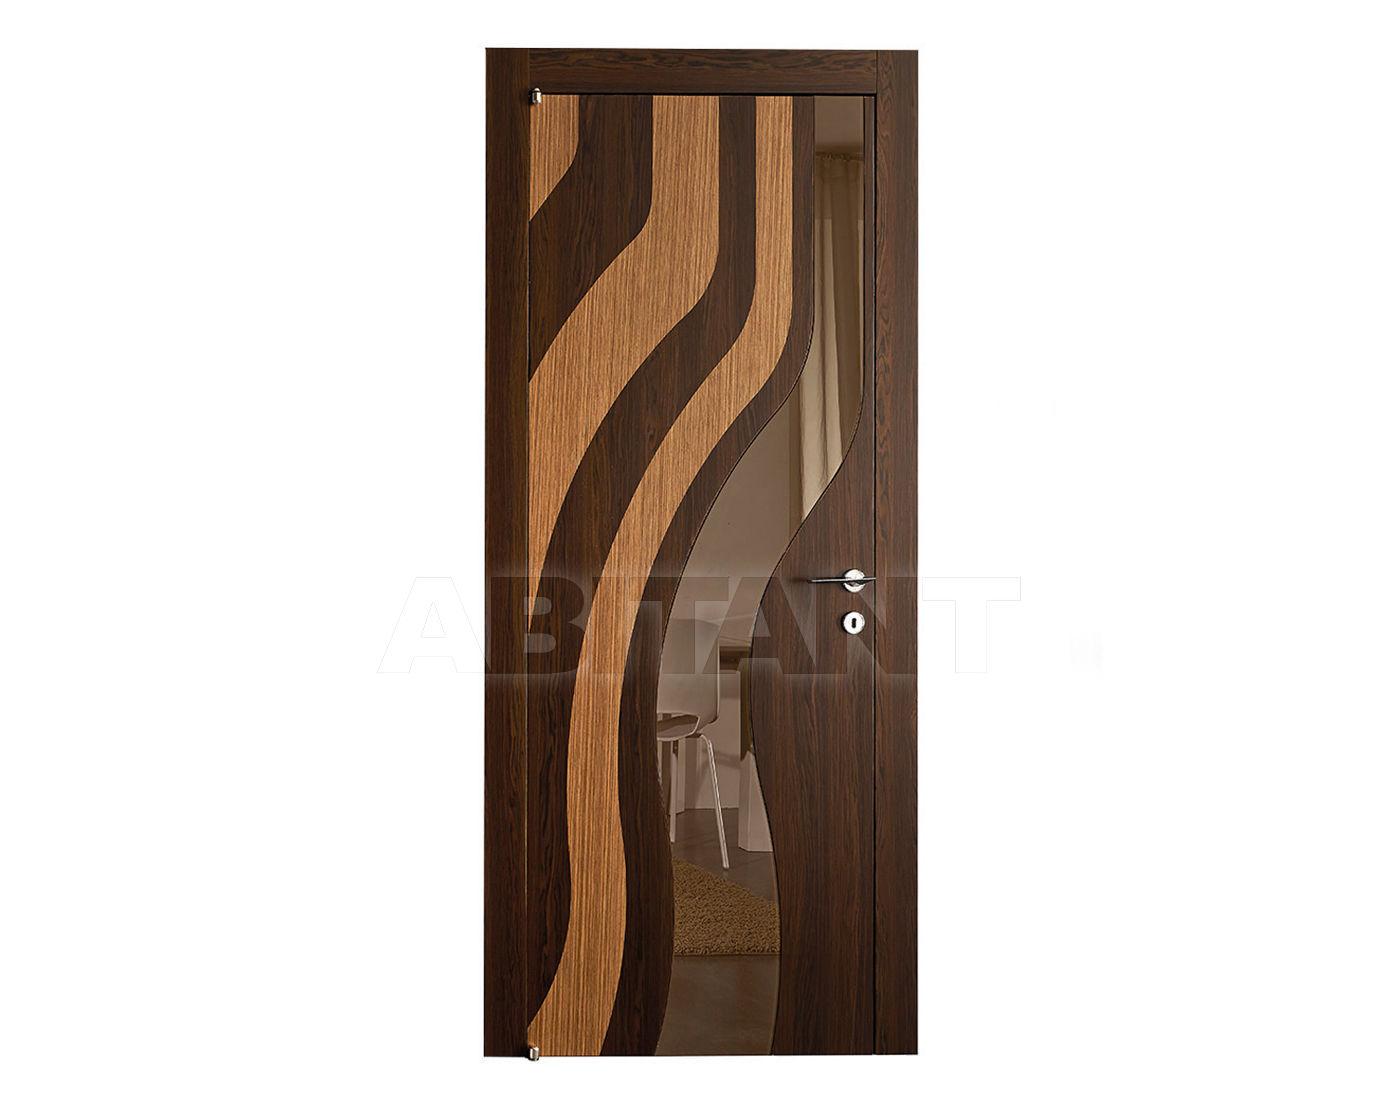 Купить Дверь деревянная Flex EXTRO Stige  Canaletto